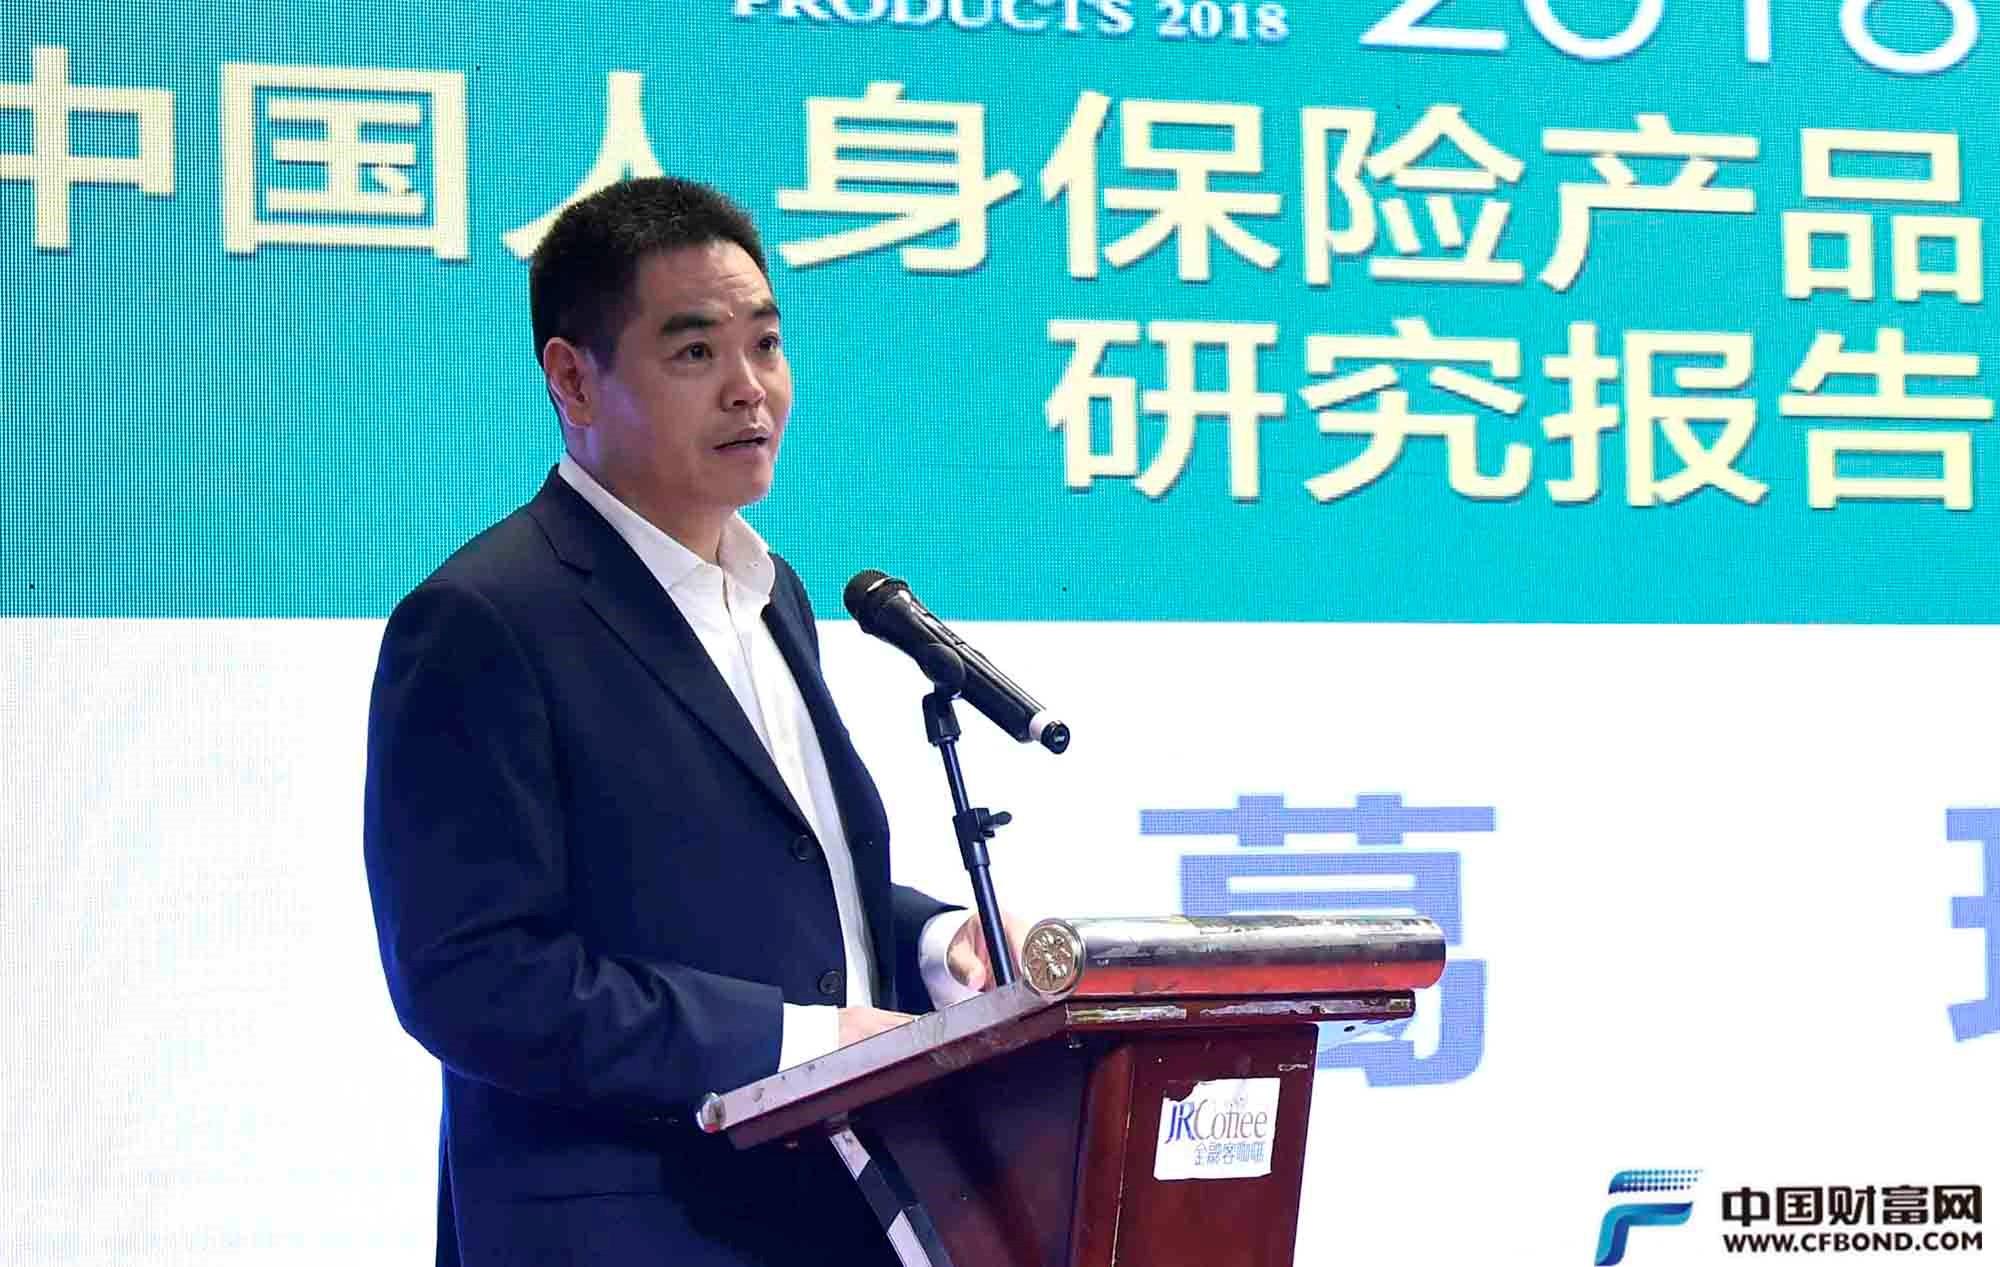 《2018年中国人身保险产品研究报告(消费者版)》发布 填补行业空白